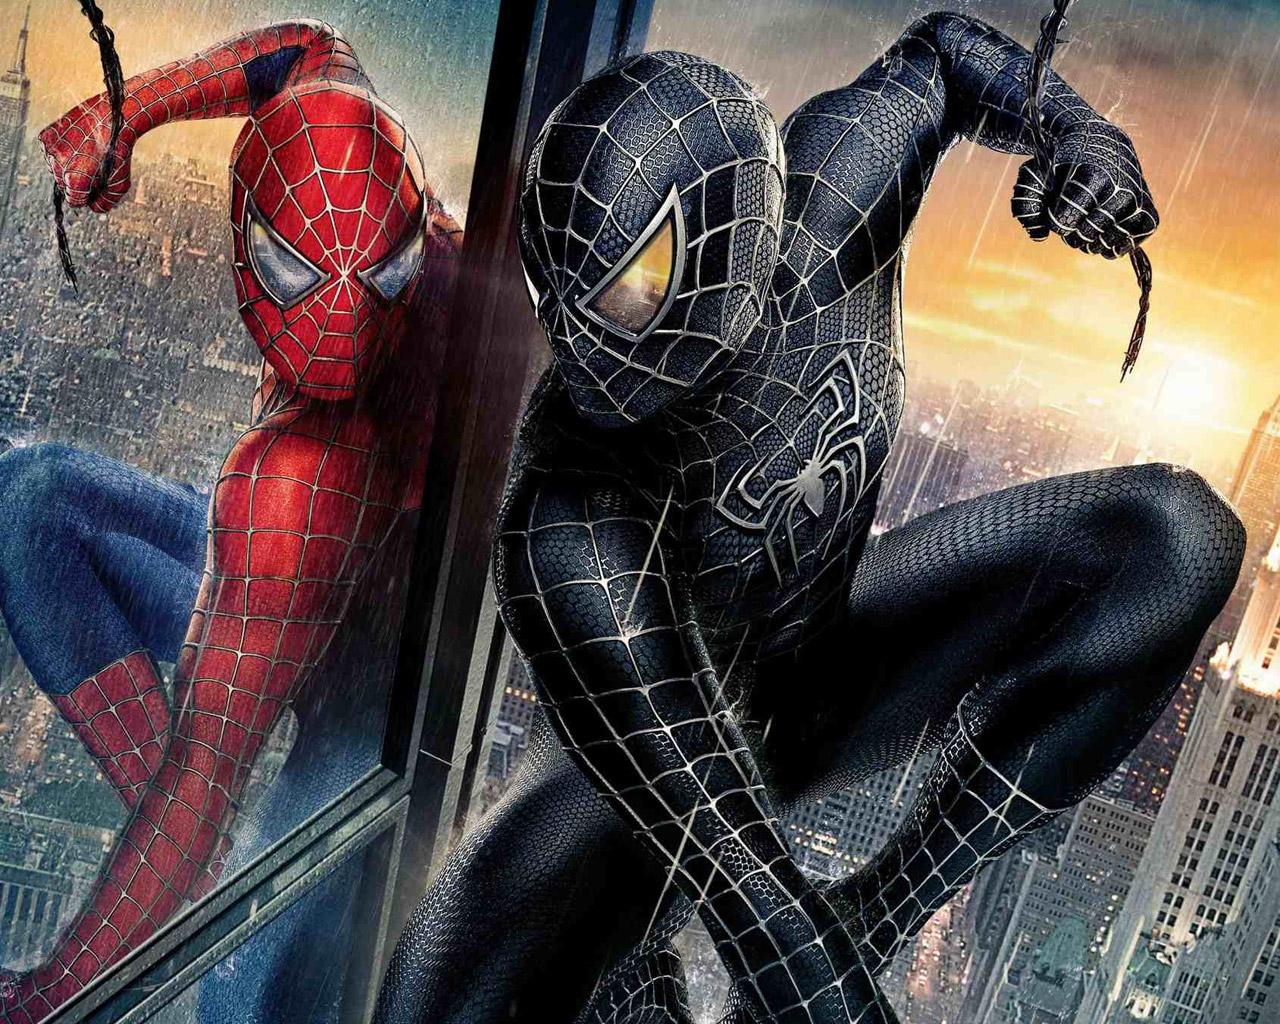 http://3.bp.blogspot.com/-WtttcCZTmJA/UOPB3NyqaJI/AAAAAAAB1QY/YY8PGHSp81s/s1600/spiderman-3.jpg